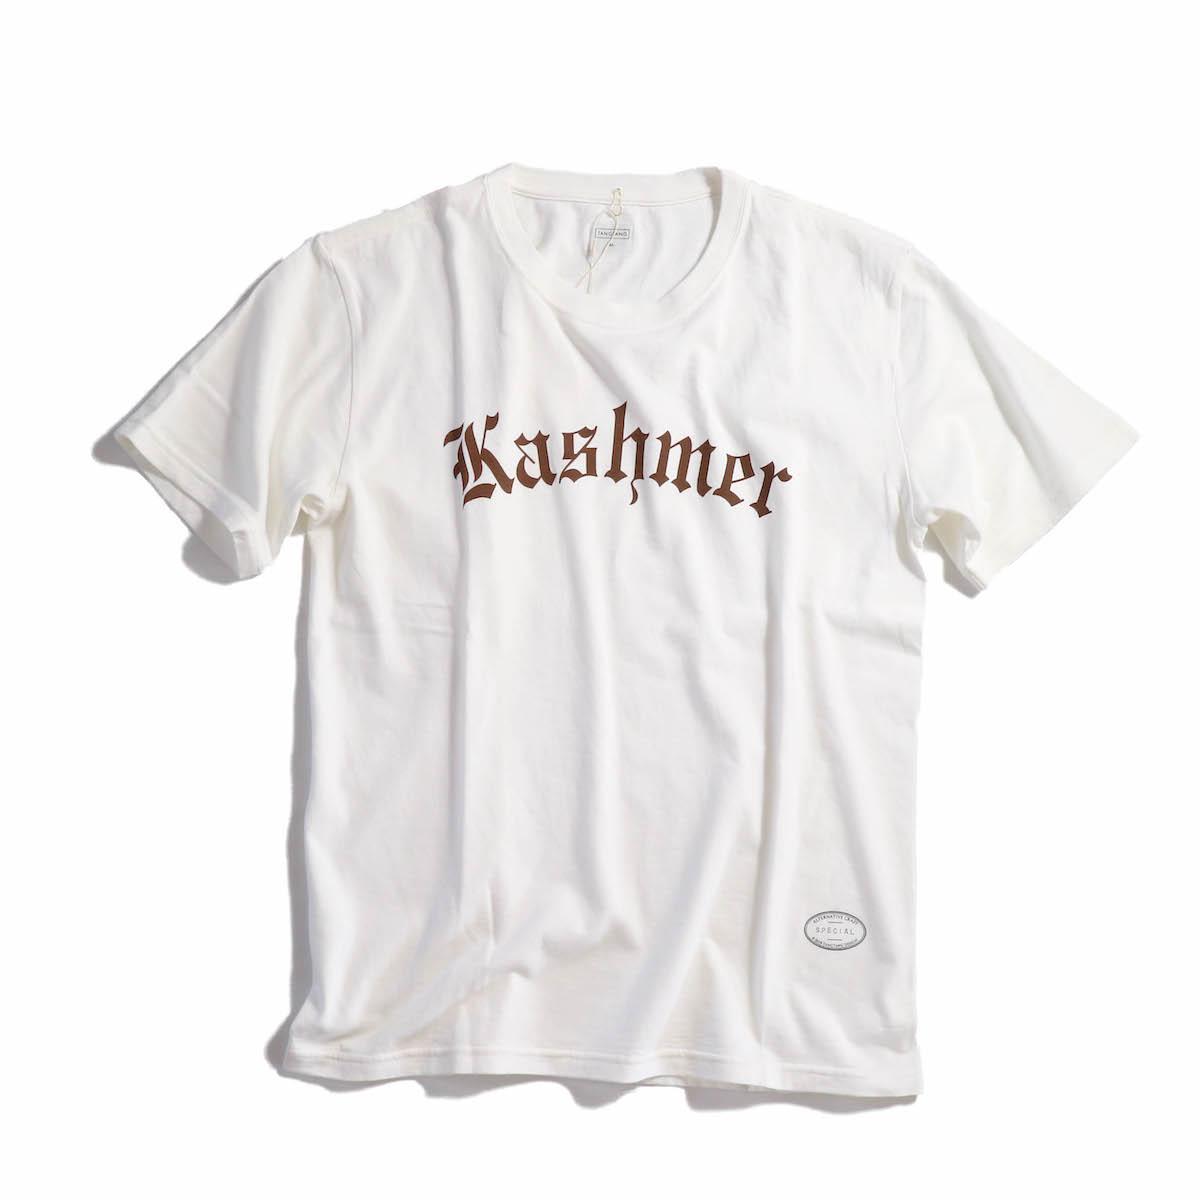 TANGTANG / CURRY -KASHMER-